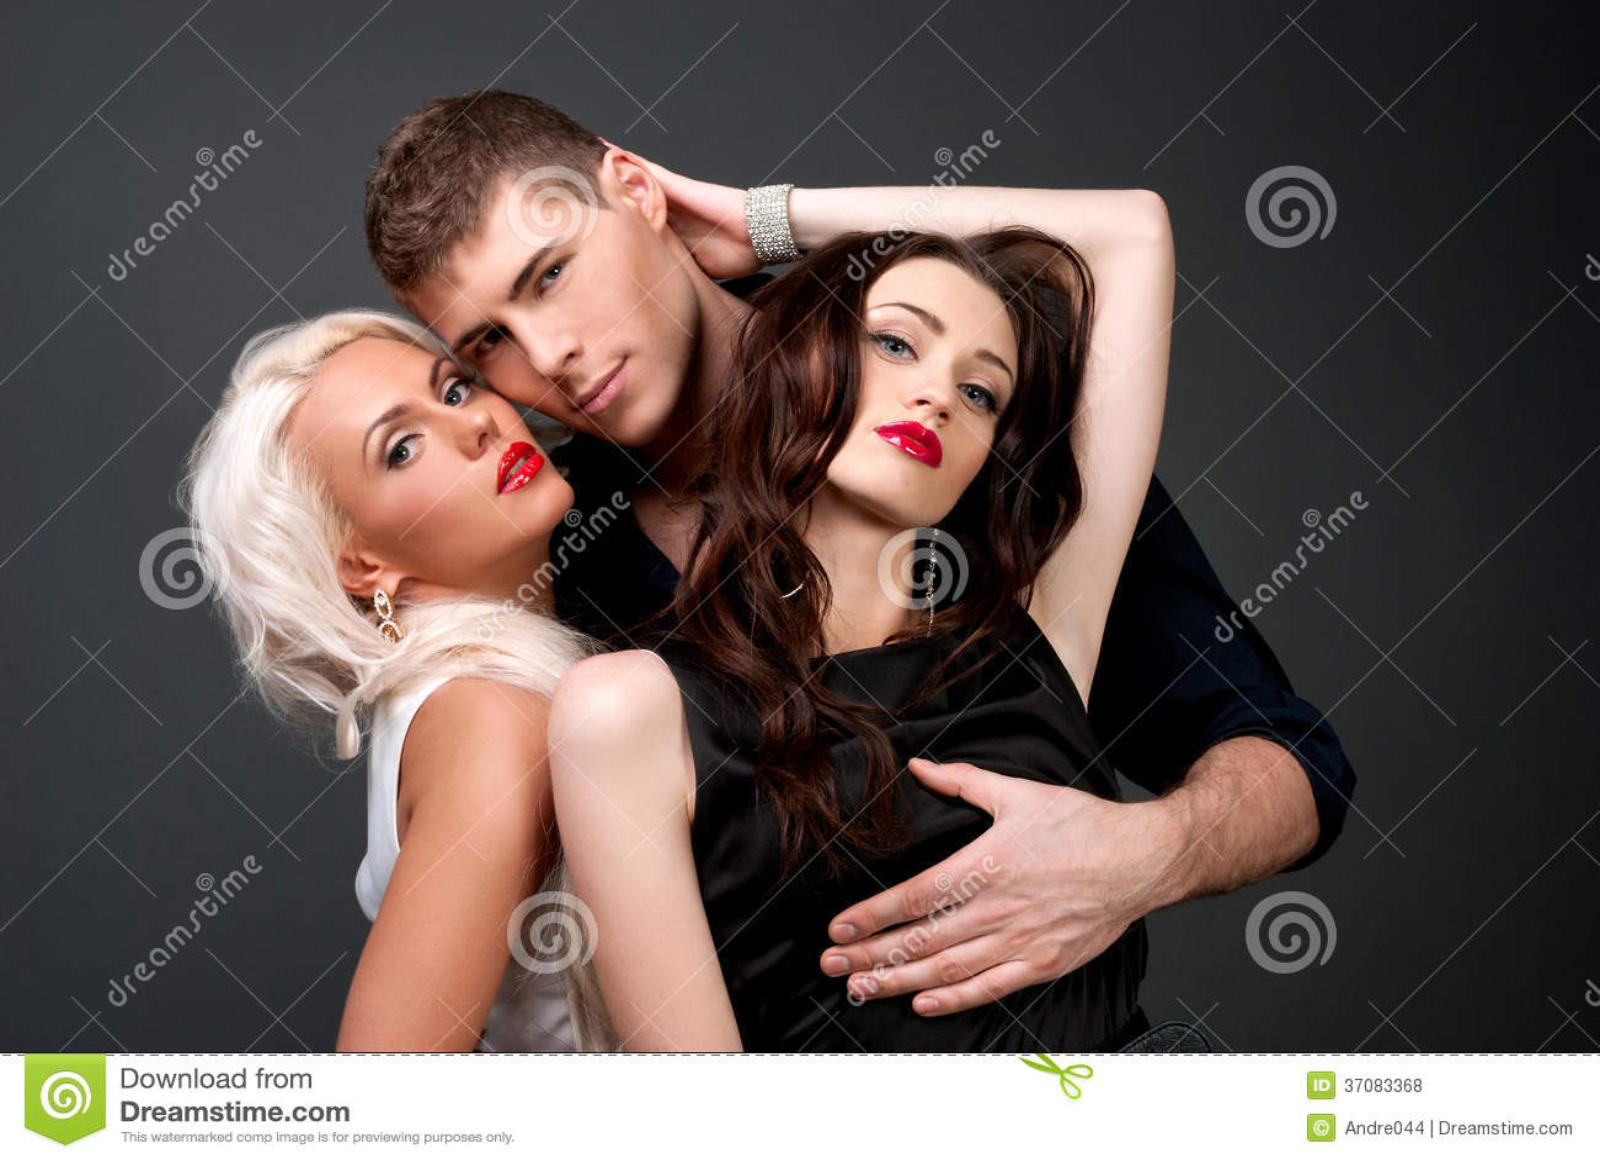 Download Mężczyzna I Kobiety Miłość. Gorąca Historia Miłosna. Zdjęcie Stock - Obraz złożonej z wojownik, piękny: 37083368